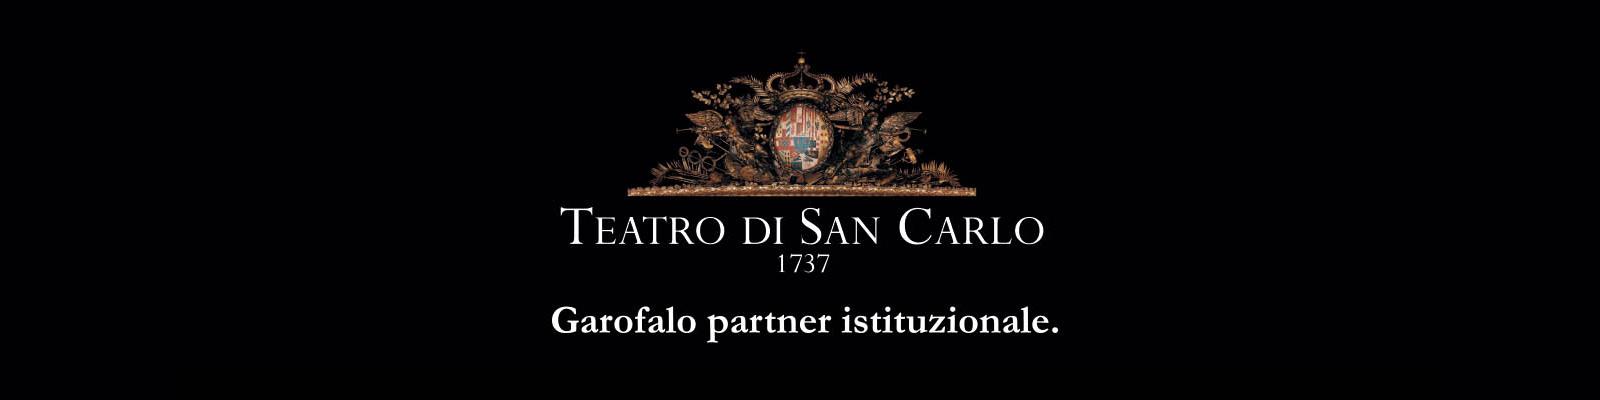 Pasta Garofalo parrain du Théâtre S. Carlo